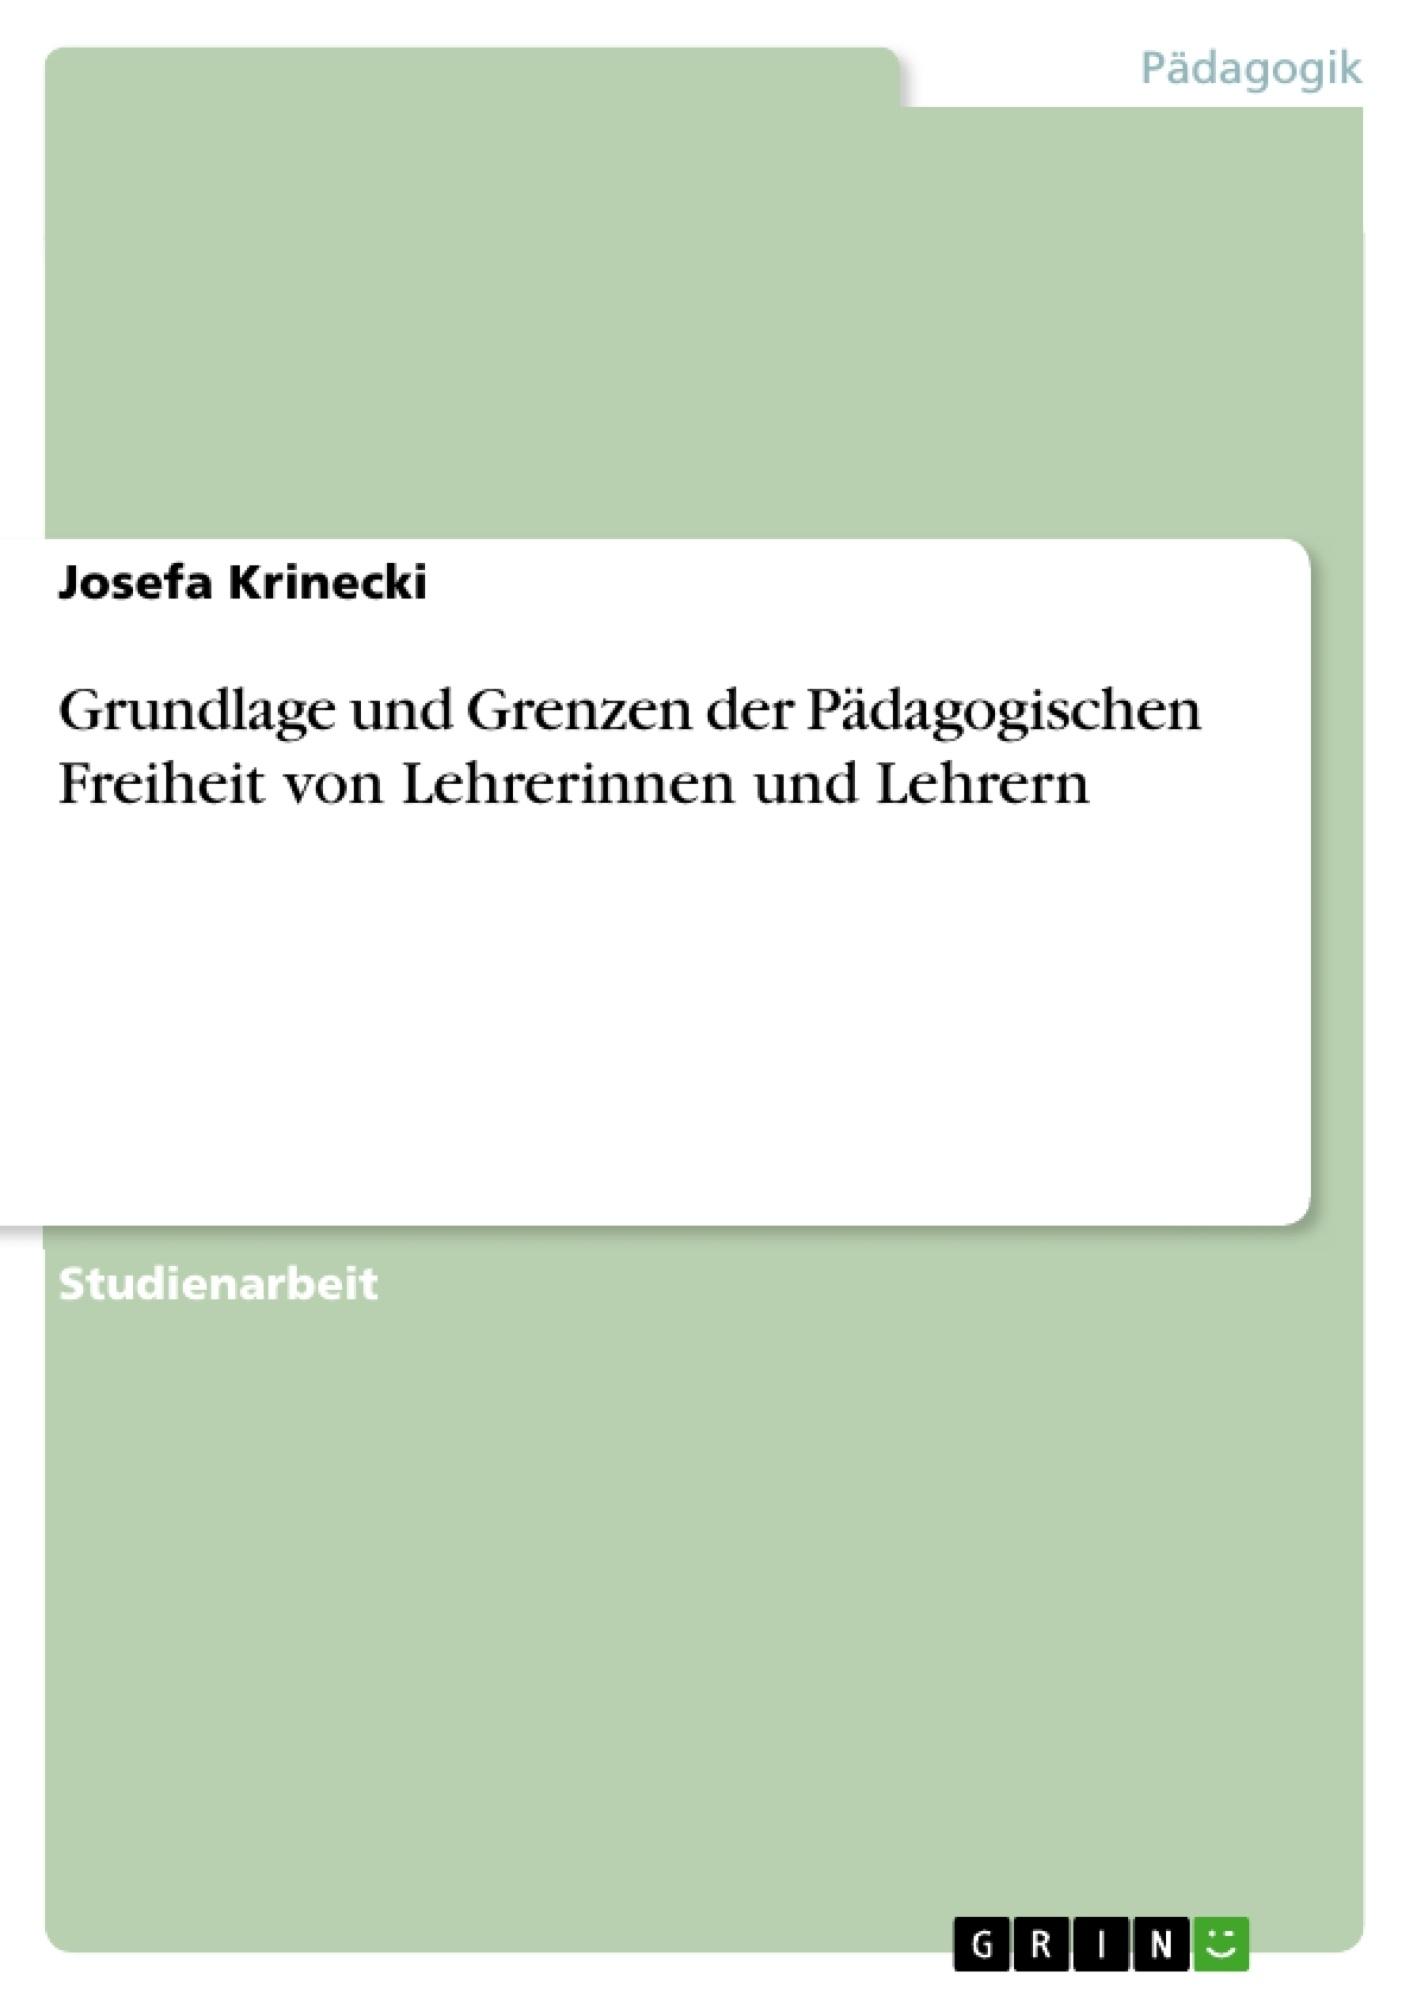 Titel: Grundlage und Grenzen der Pädagogischen Freiheit von Lehrerinnen und Lehrern